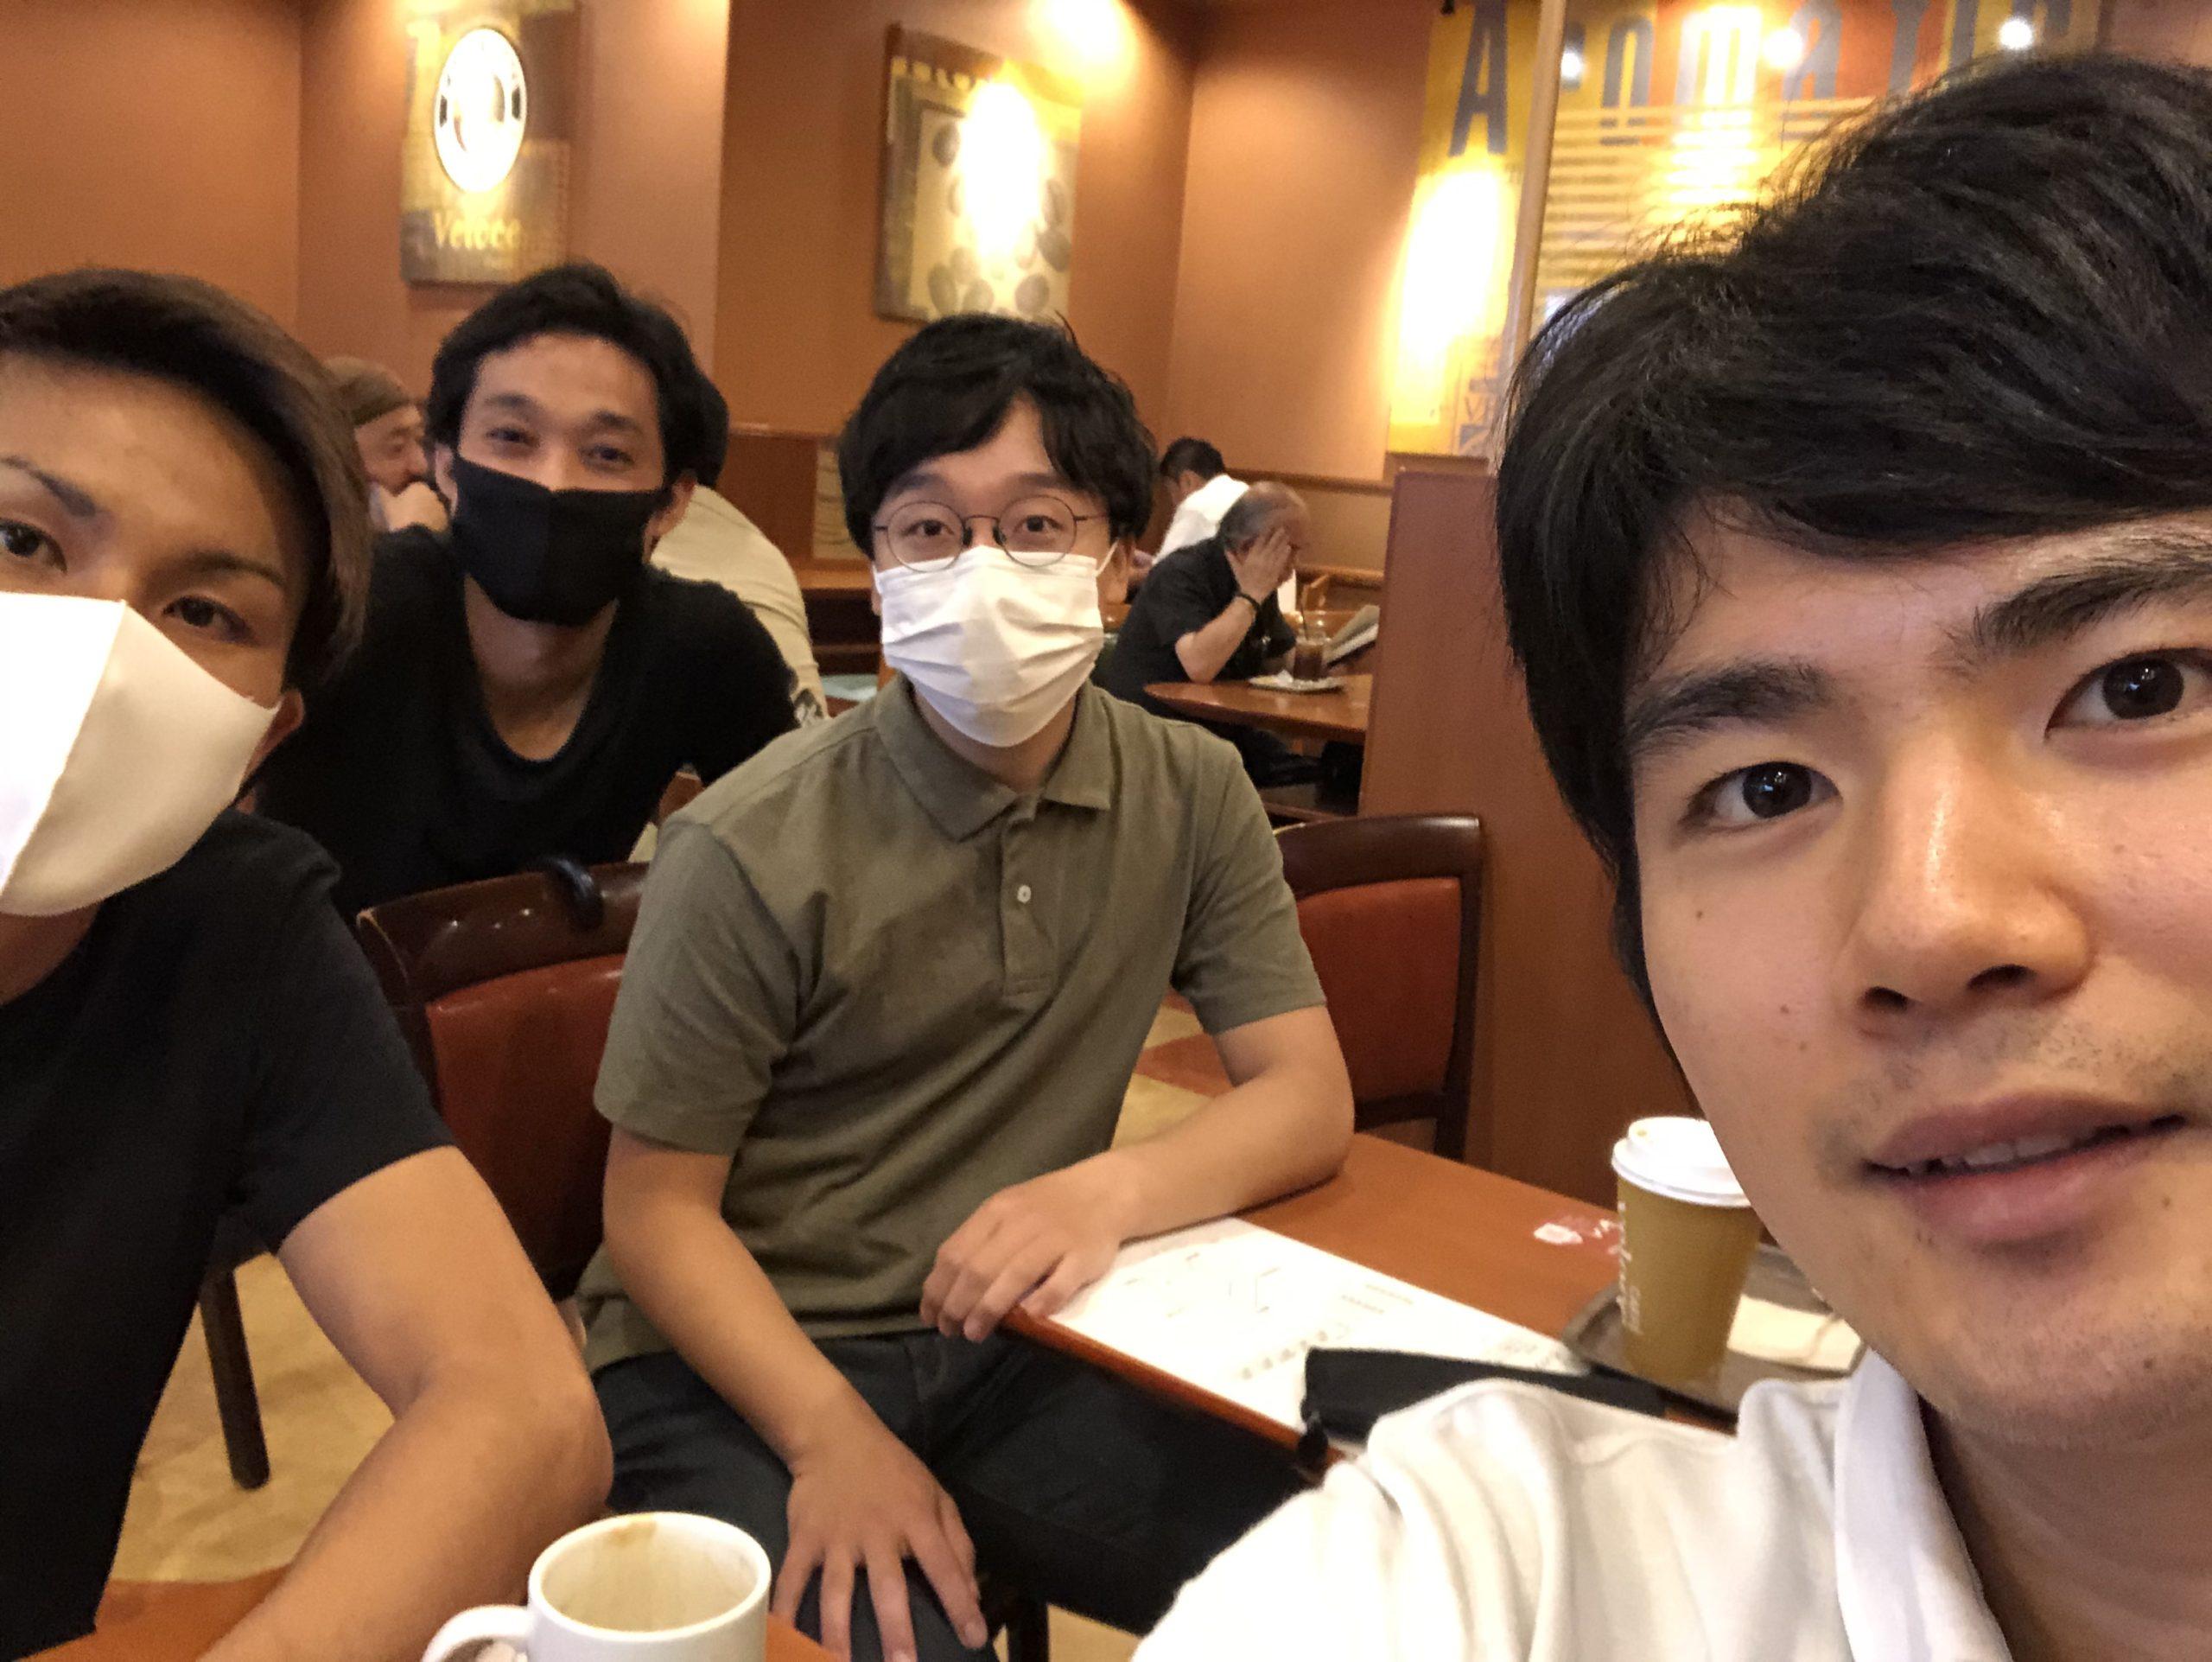 2020年9月26日 第15回目の自己分析セミナー東京